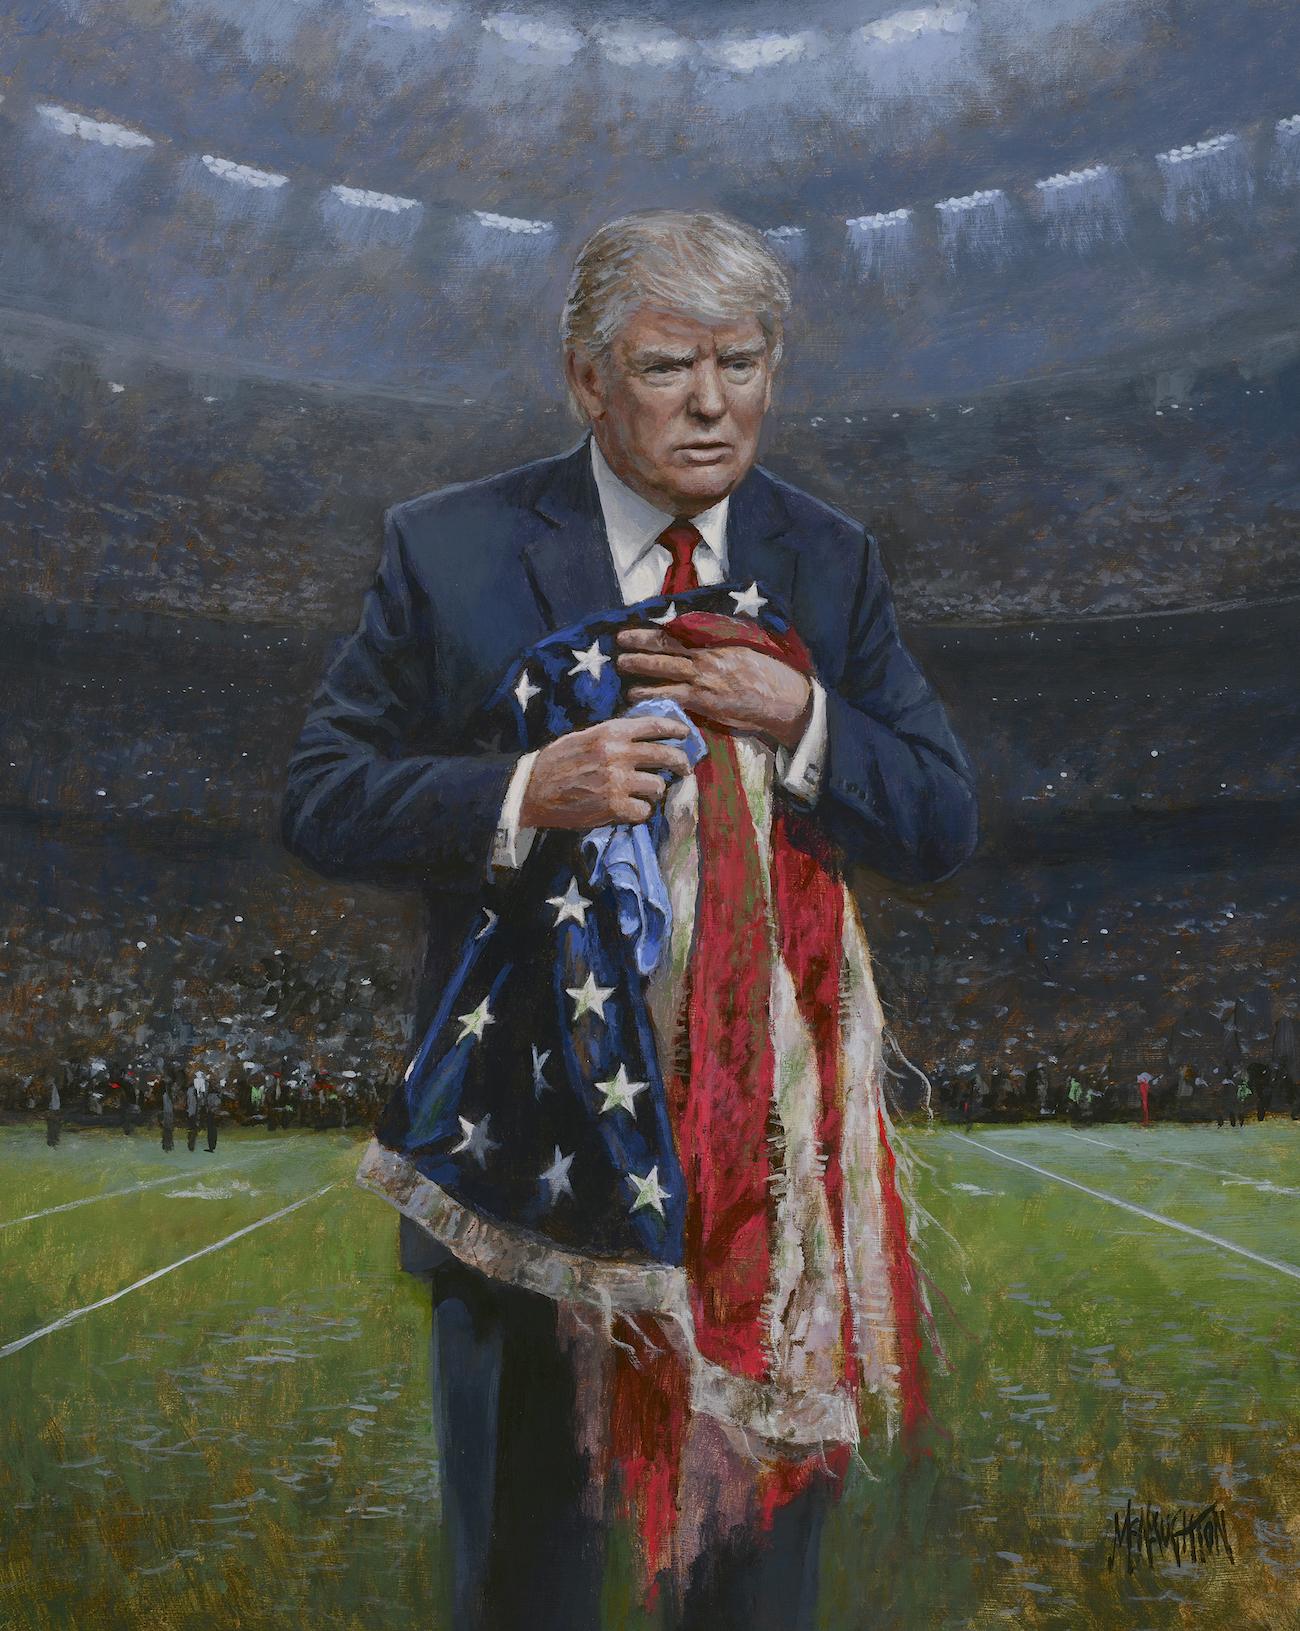 respect-america-final-crop-2.jpg